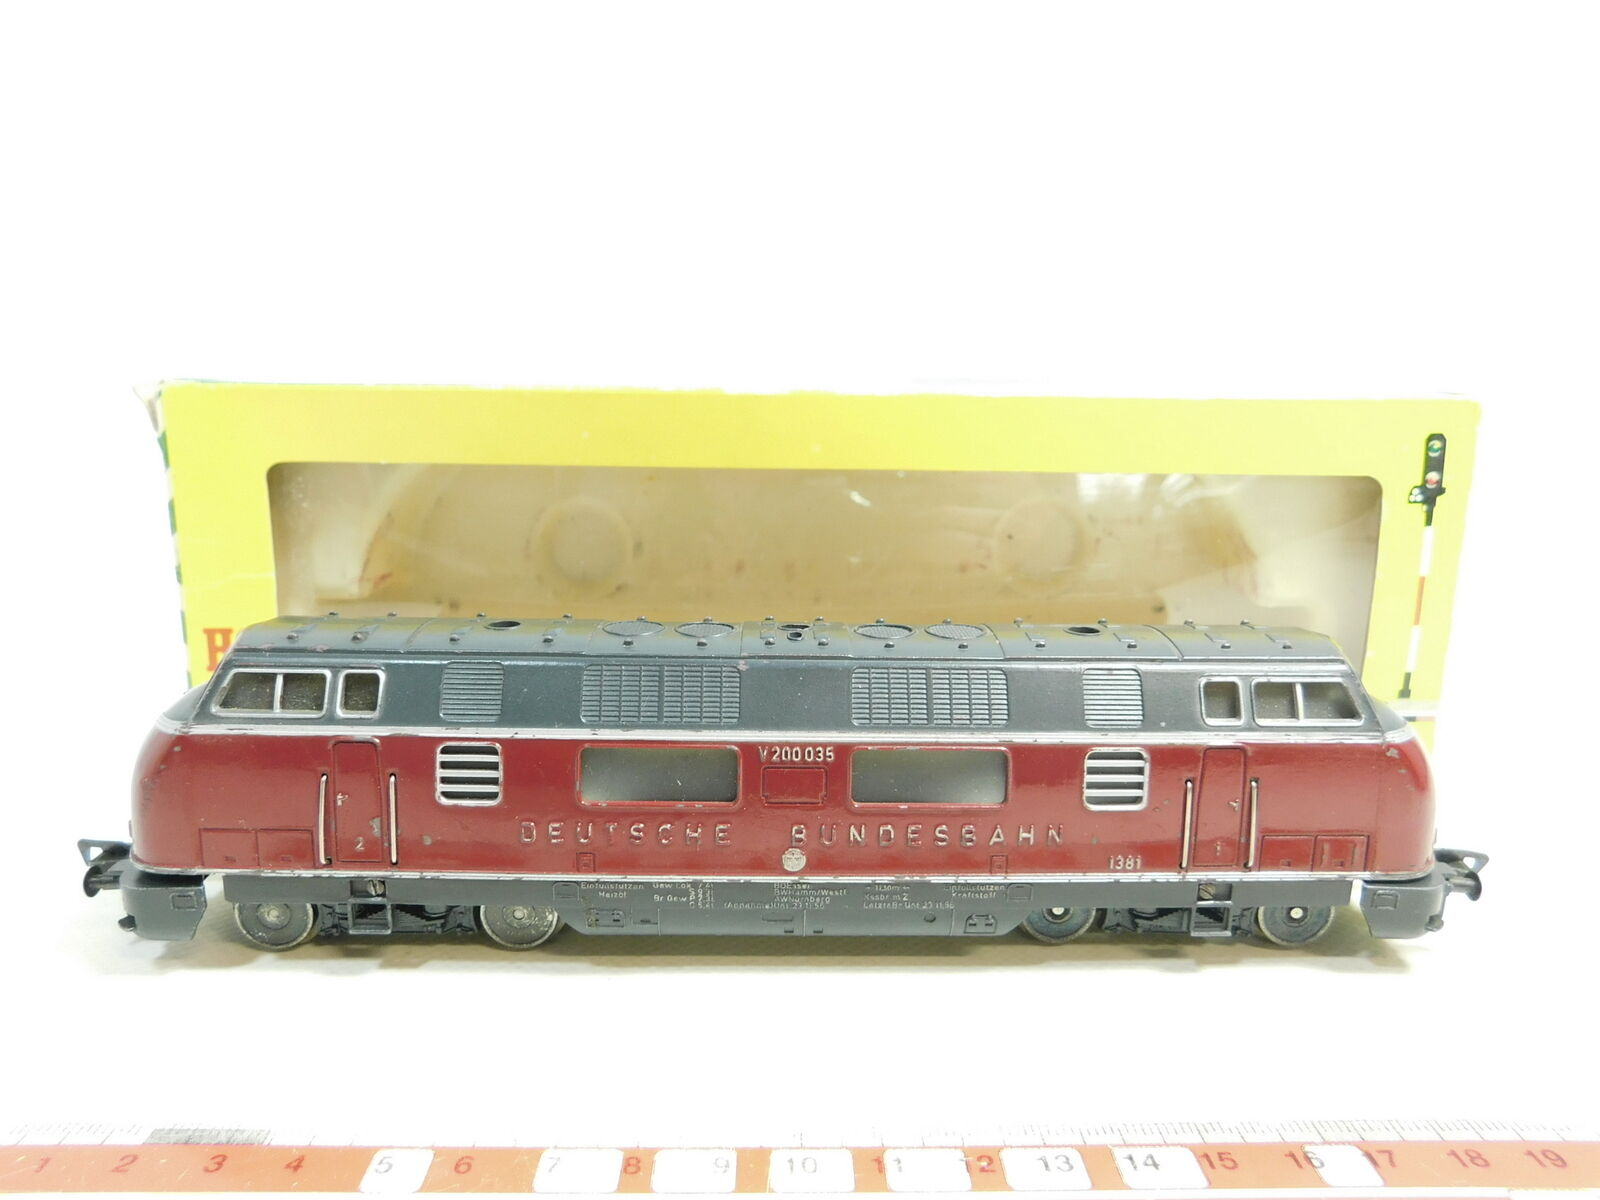 Aw400-1  Fleischmann h0/dc treno/LOCOMOTIVA v200 035; 1381 bene + OVP